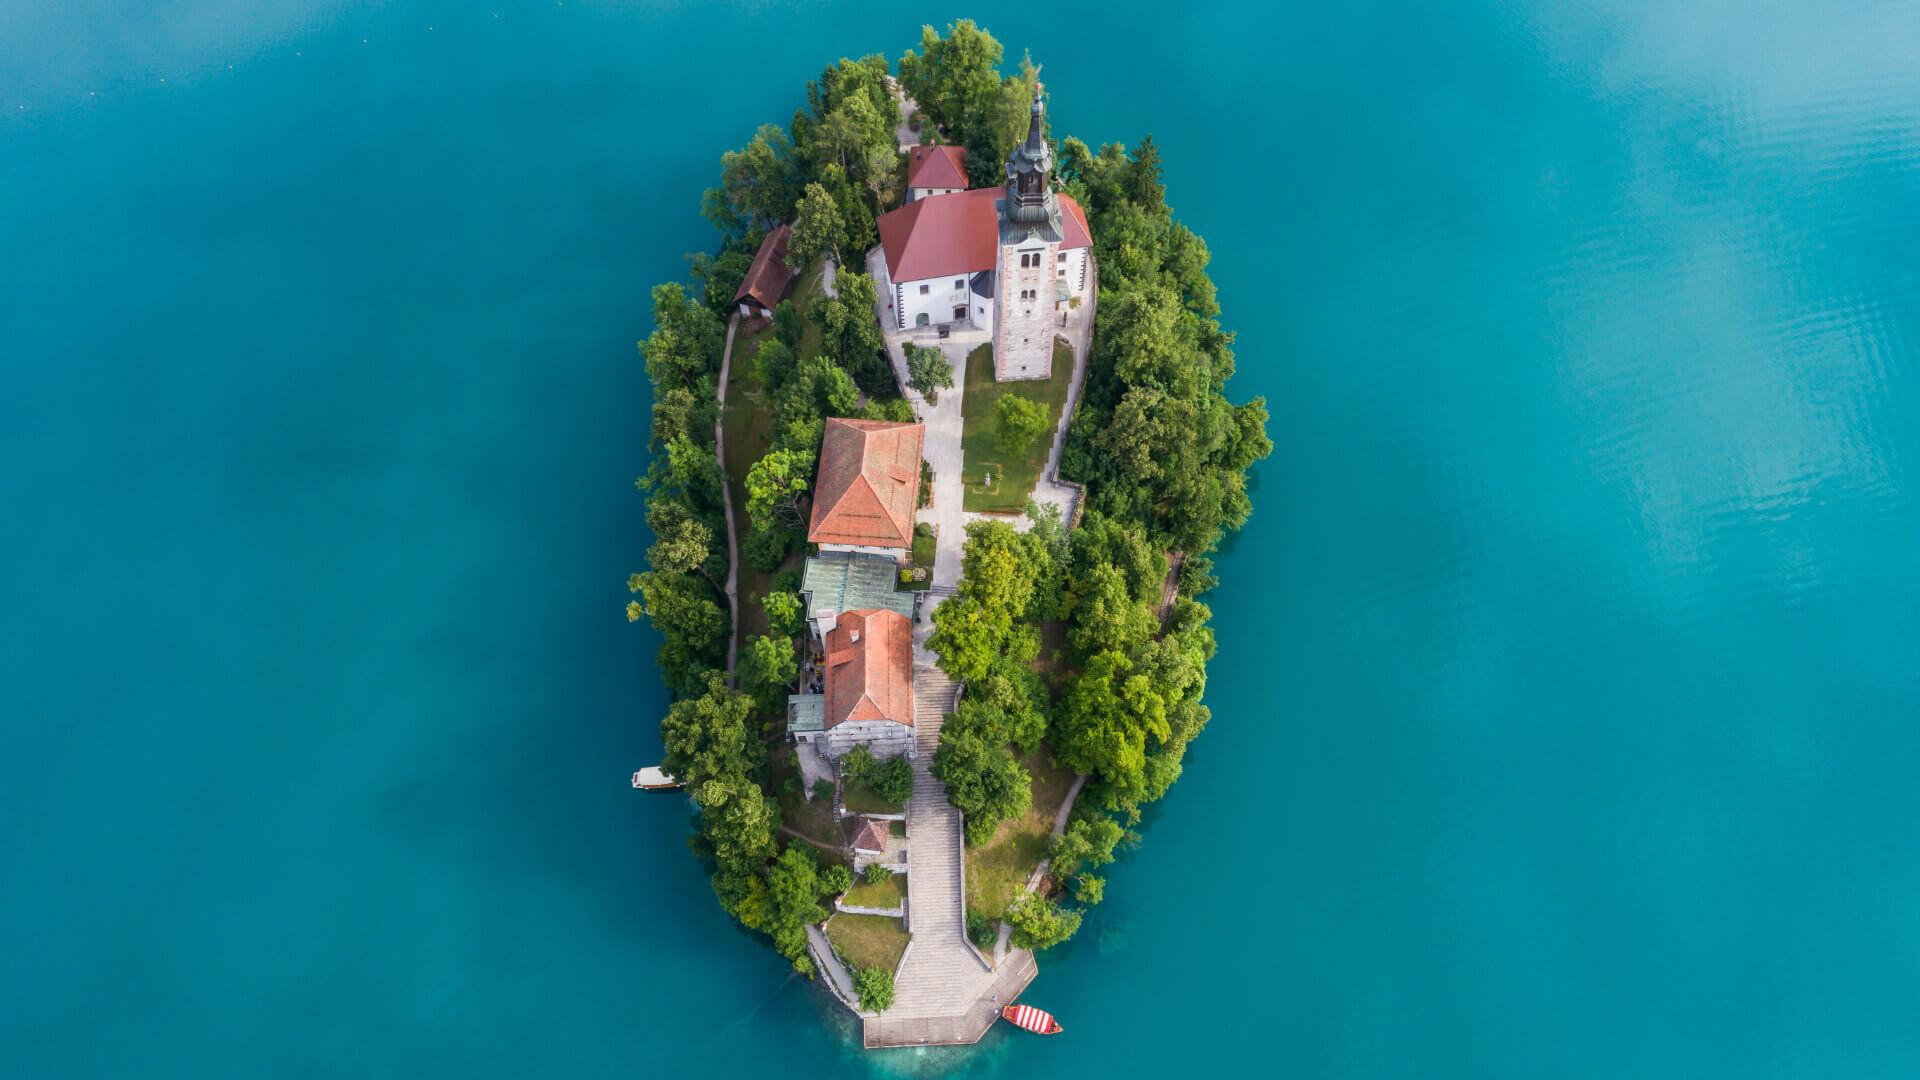 Avrupa'da Küçük Bir Masal Kasabası: Bled